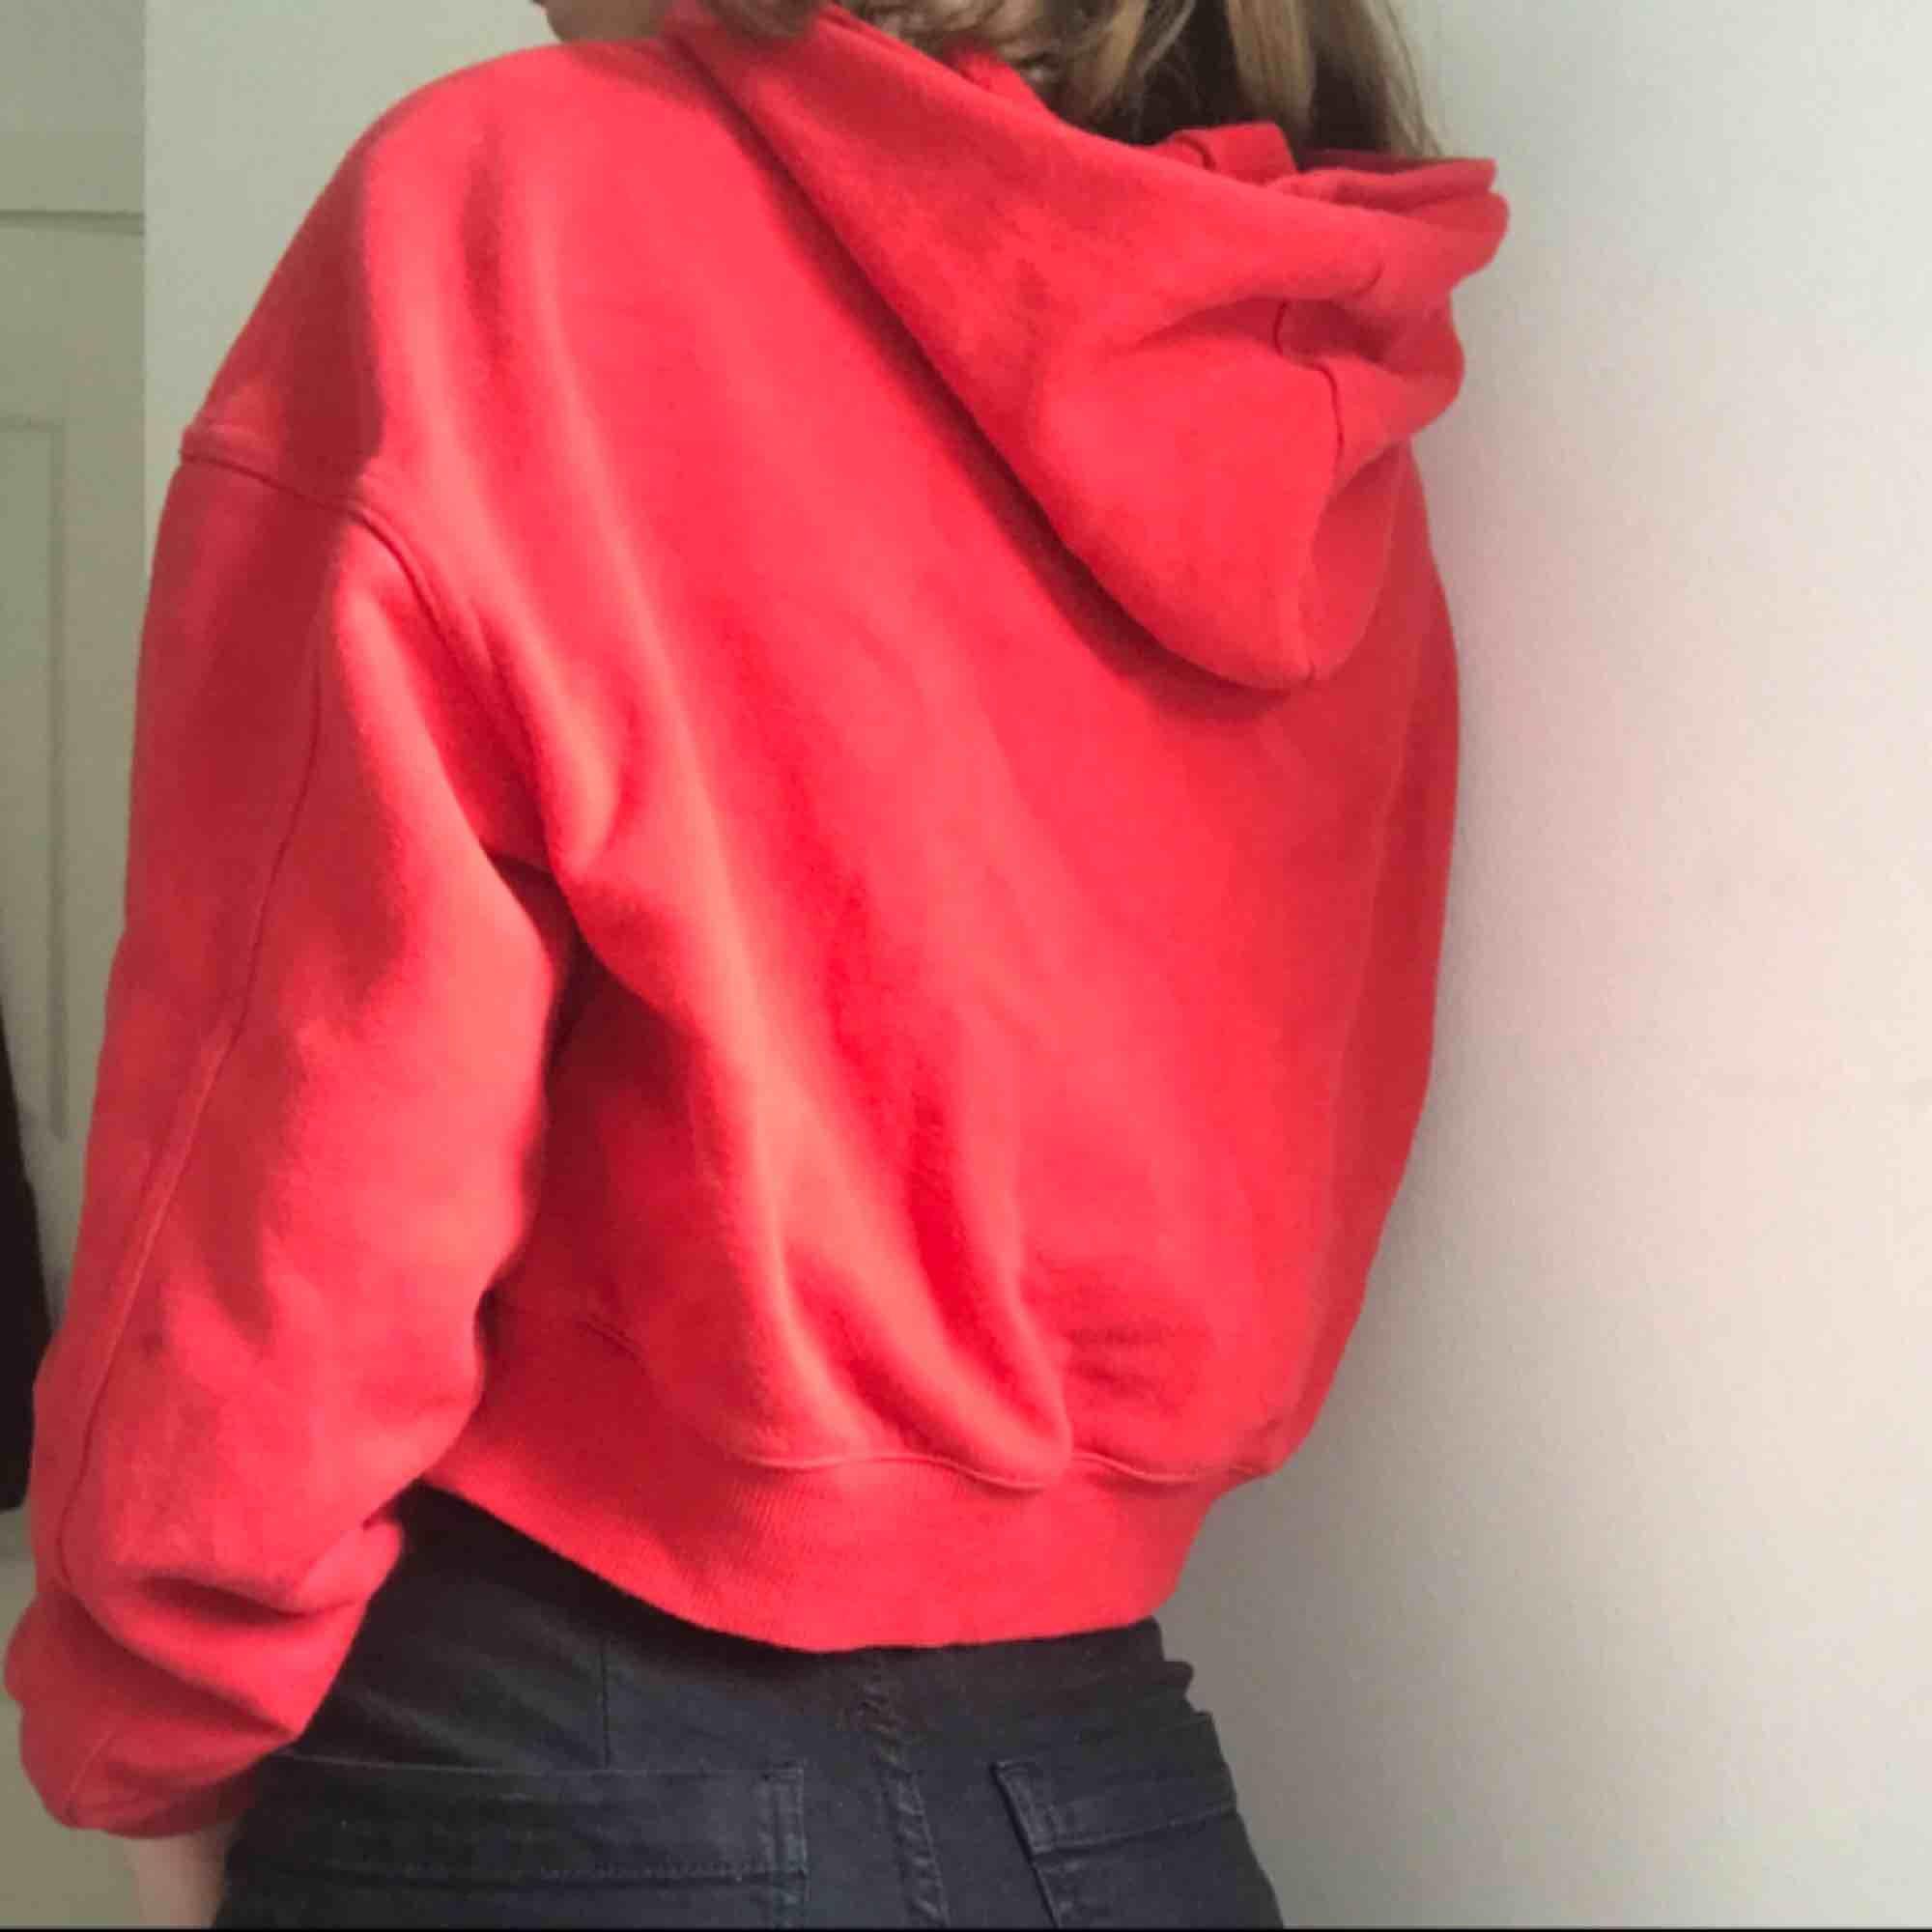 Gullig, röd, croppad tjocktröja. Värmer väldigt bra även fast den är lite kortare. . Tröjor & Koftor.